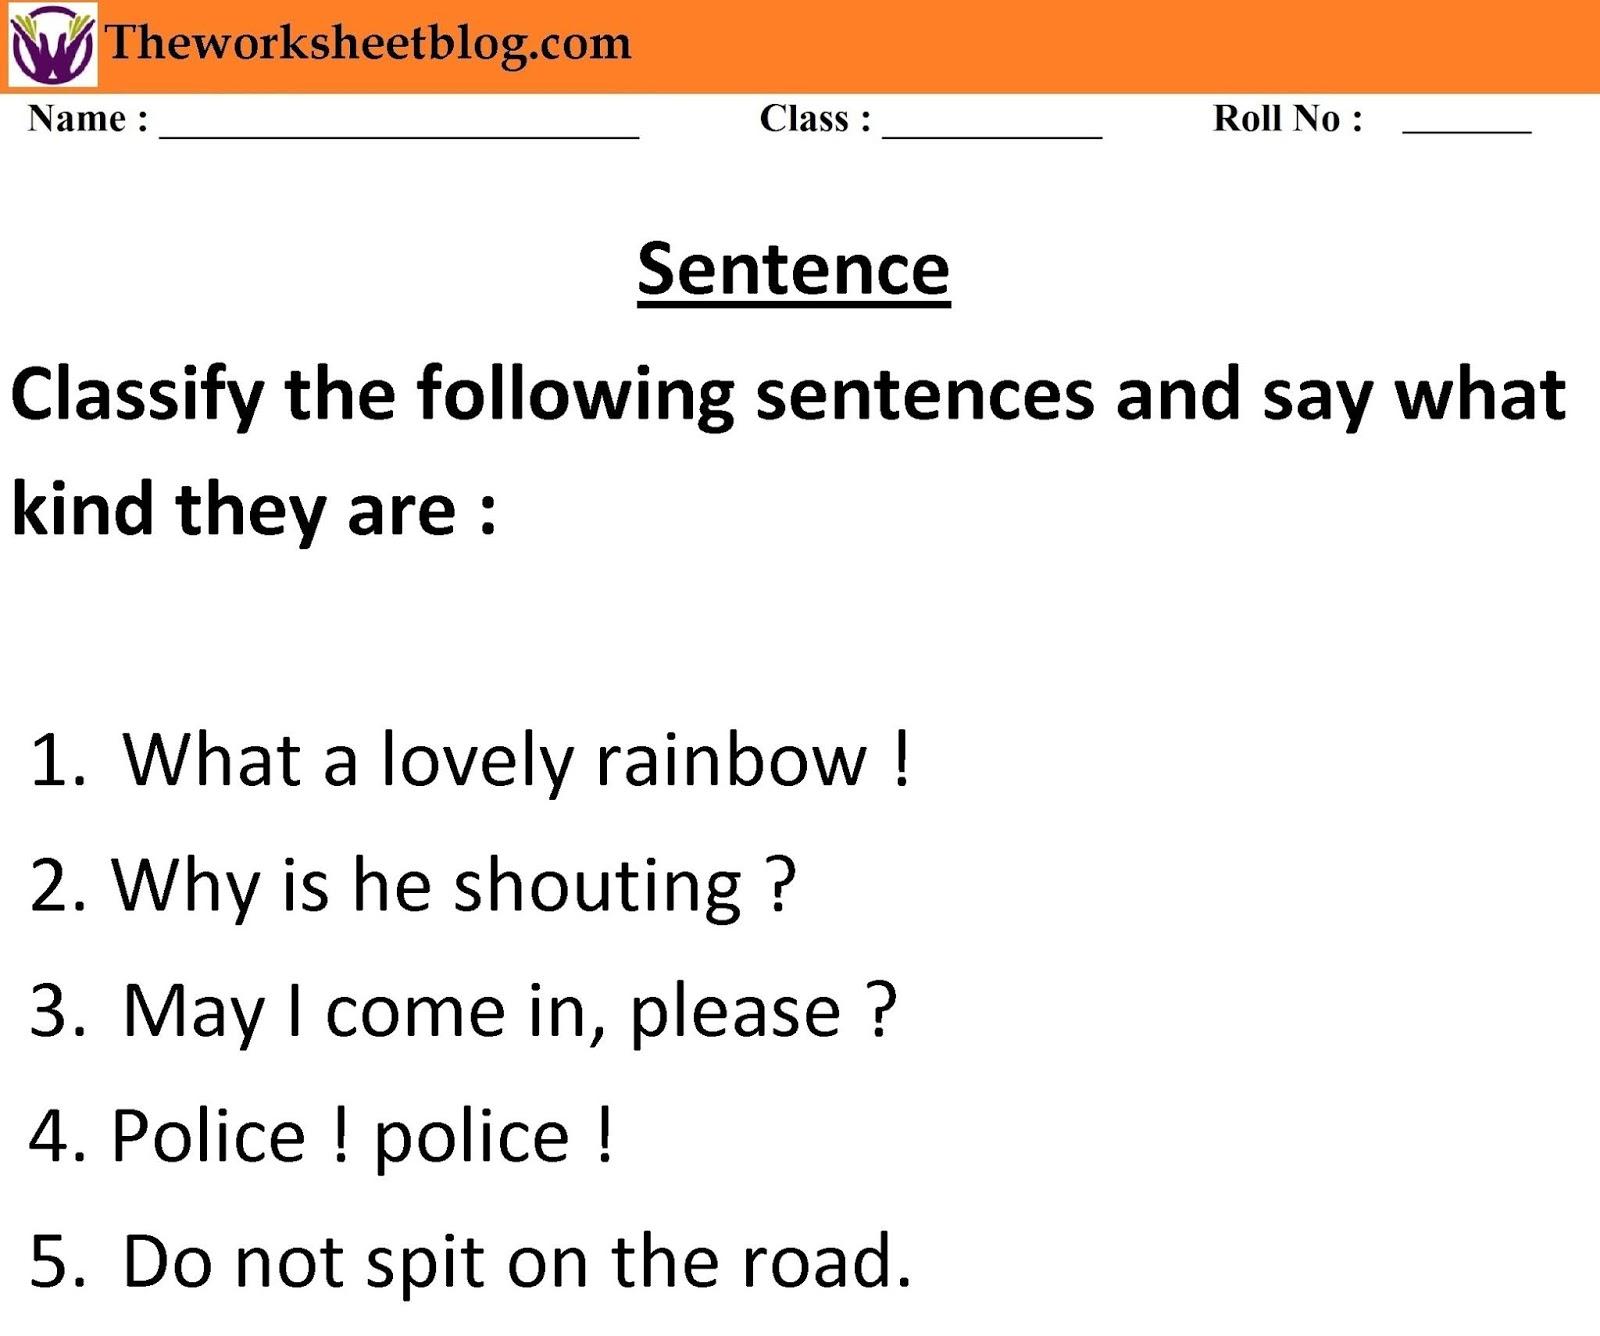 hight resolution of Sentence and kind of sentences worksheet. - Theworksheetsblog